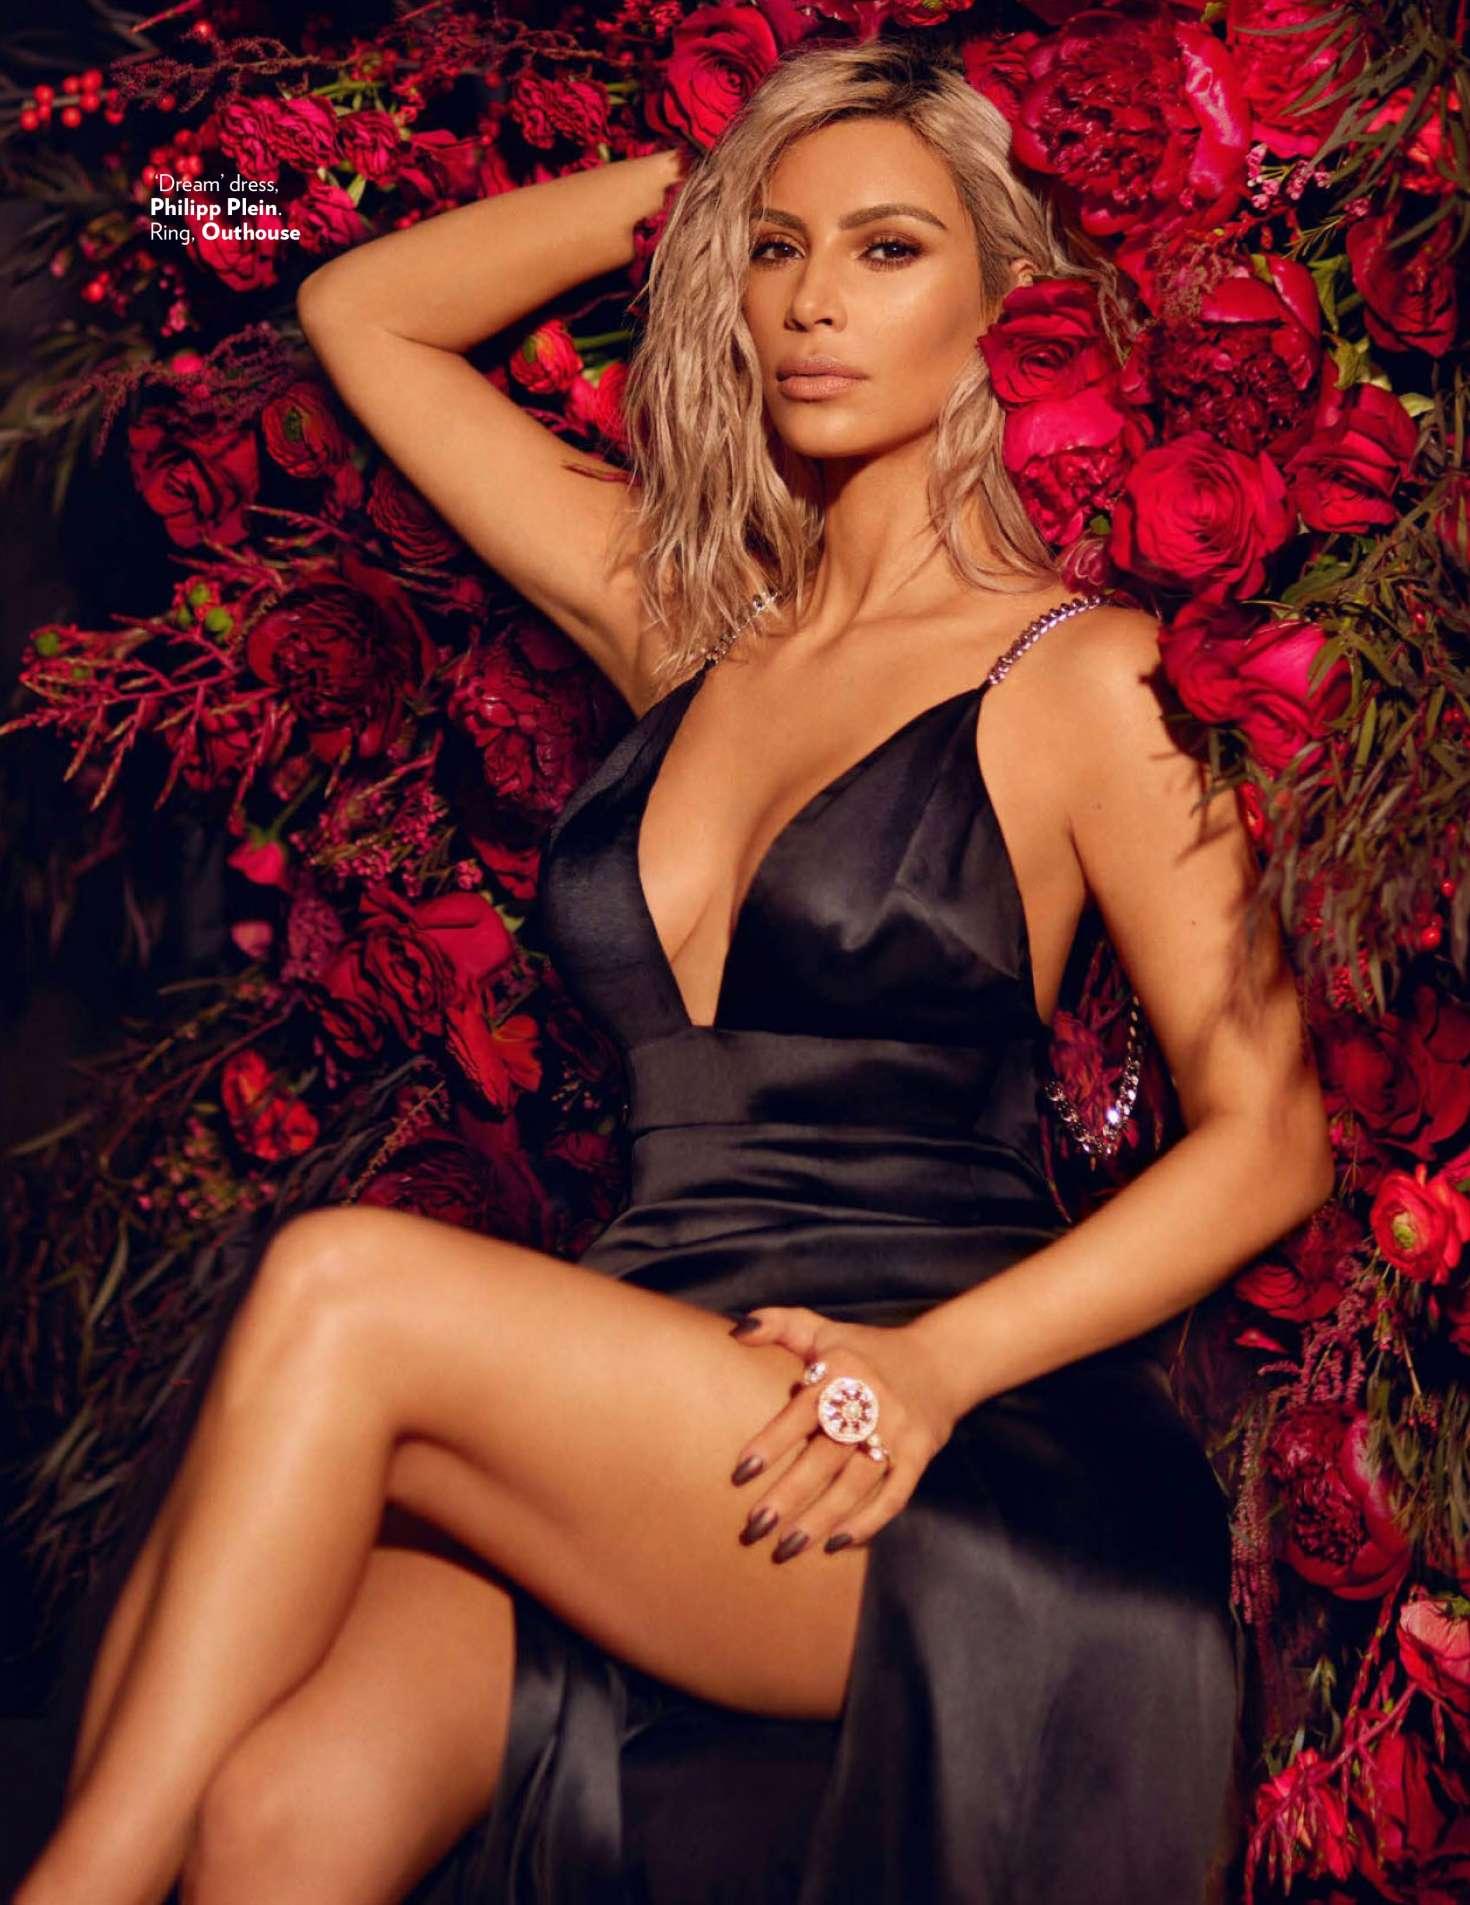 Kim Kardashian 2018 : Kim Kardashian: Vogue India 2018 adds -14